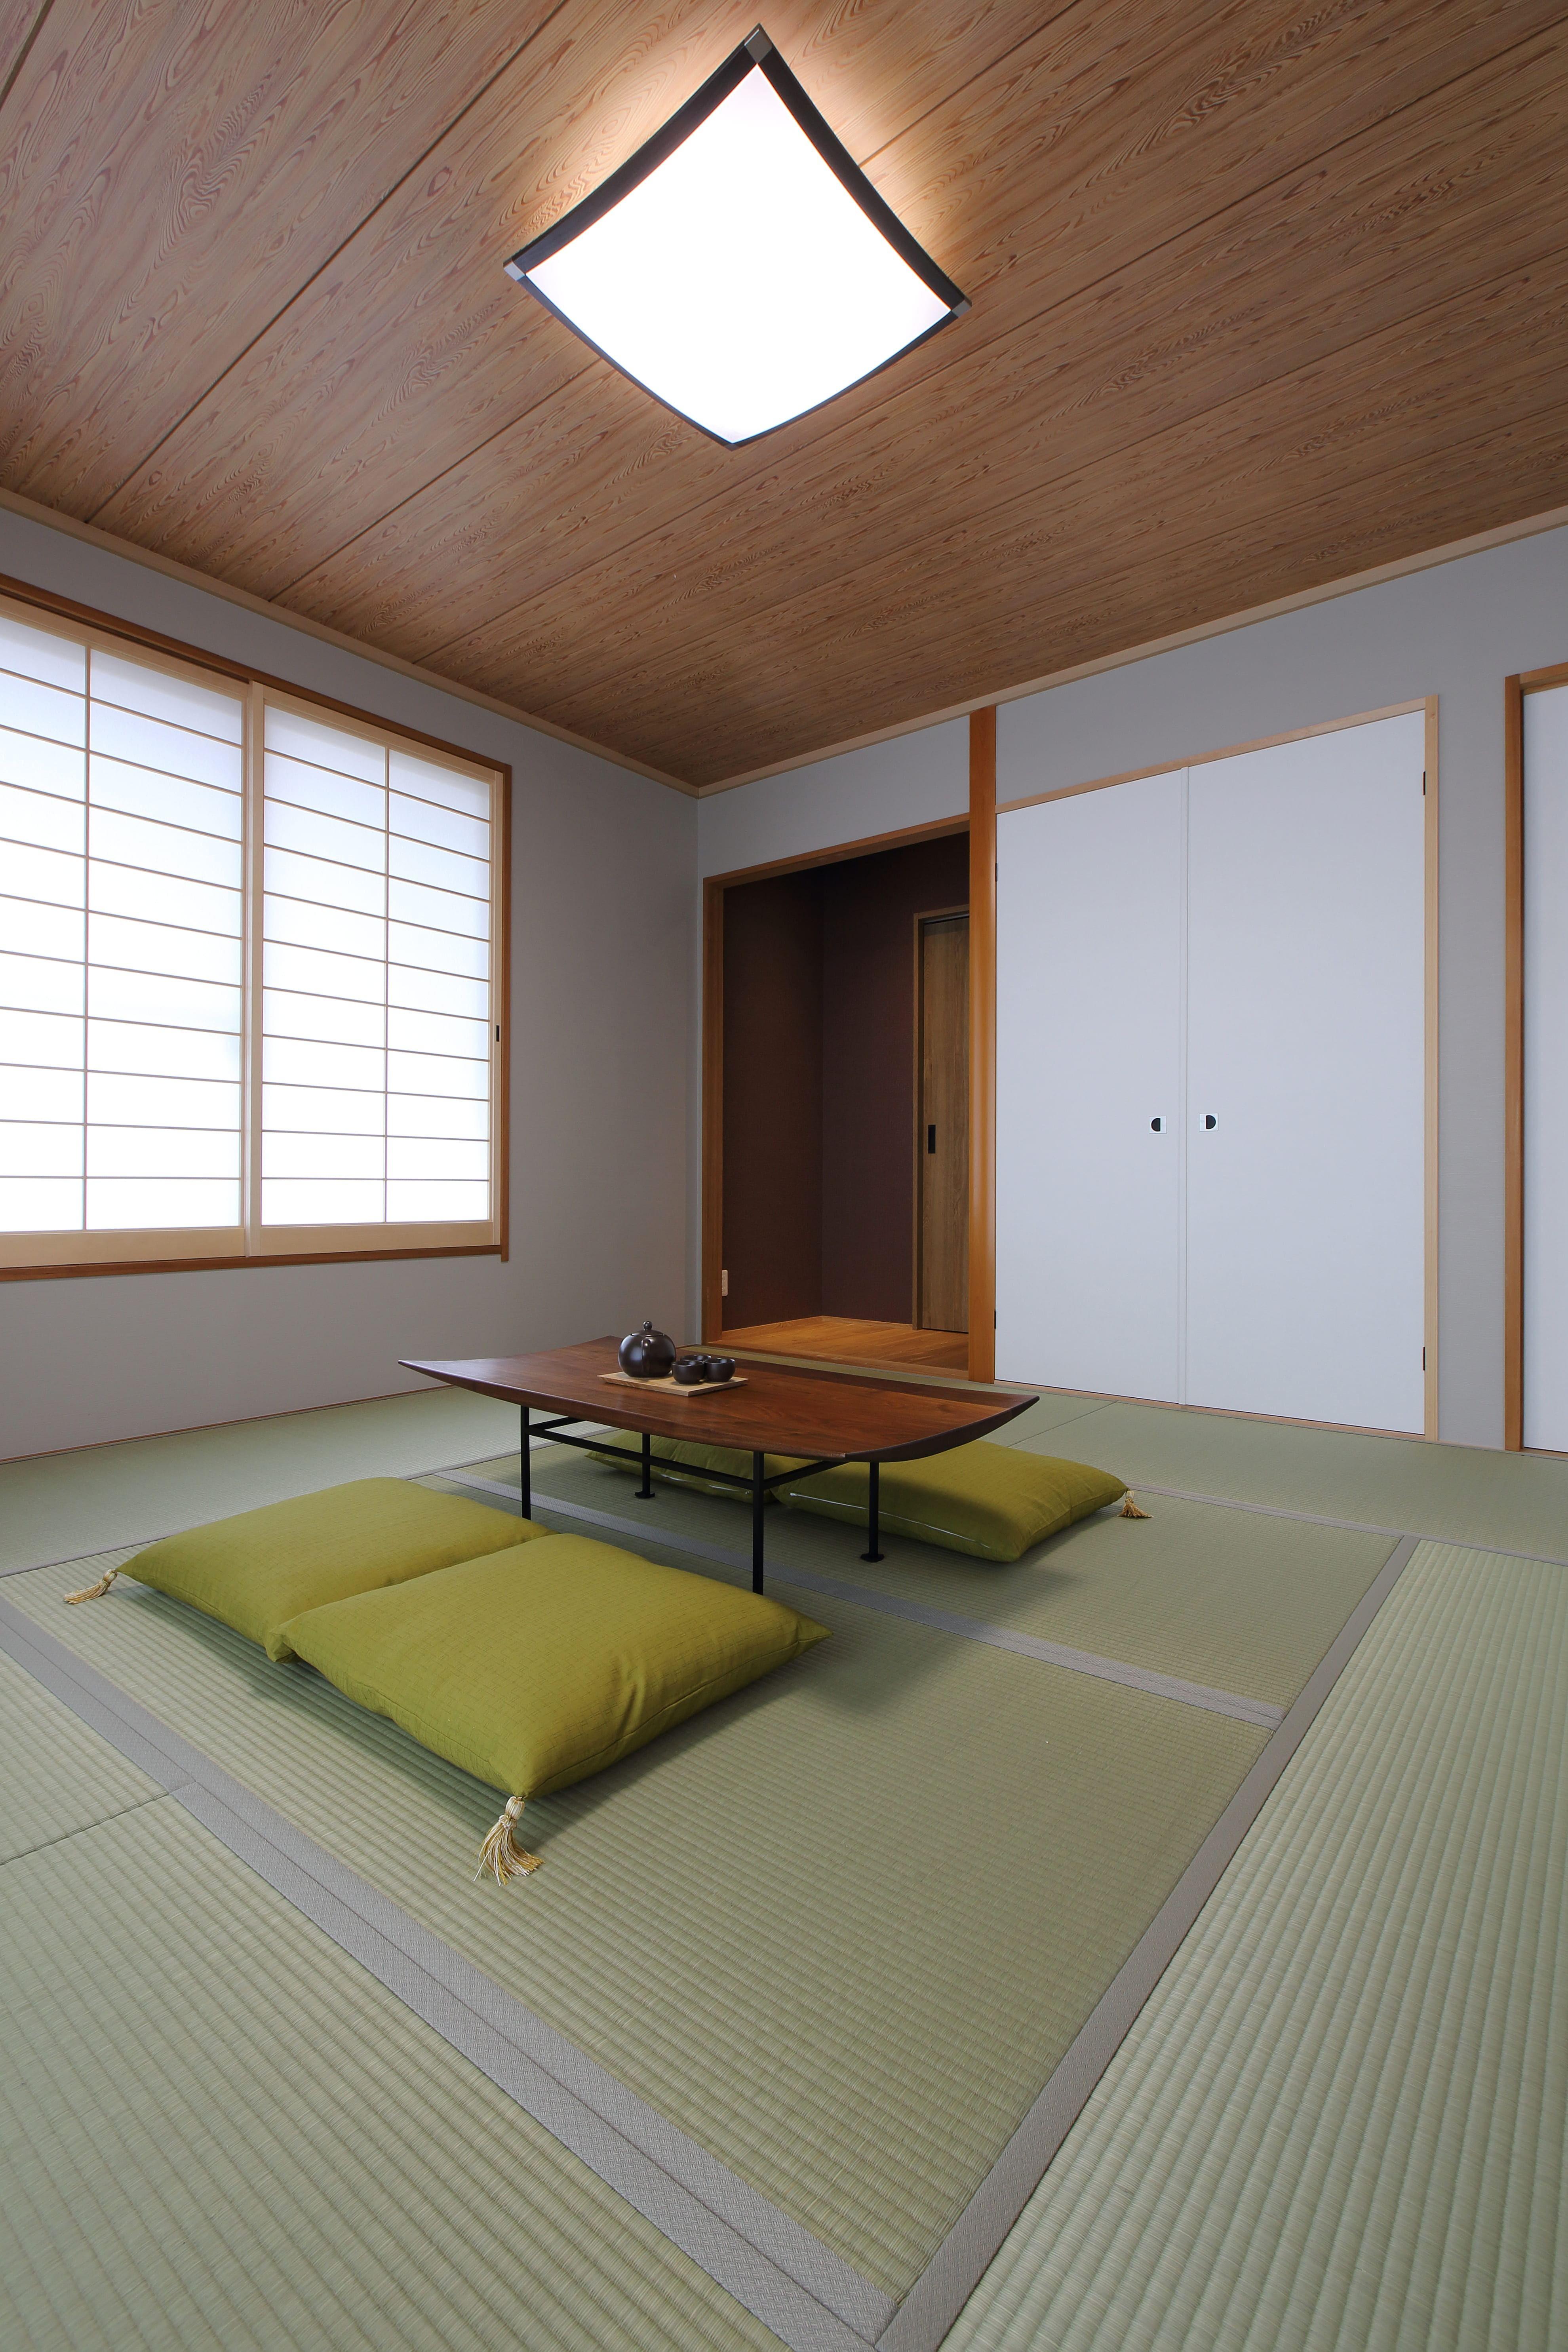 その他事例:障子を取り替えて明るい和室に(中古住宅を購入してリフォーム。住みやすさとデザイン性の高さを兼ね備えた住まいに。)